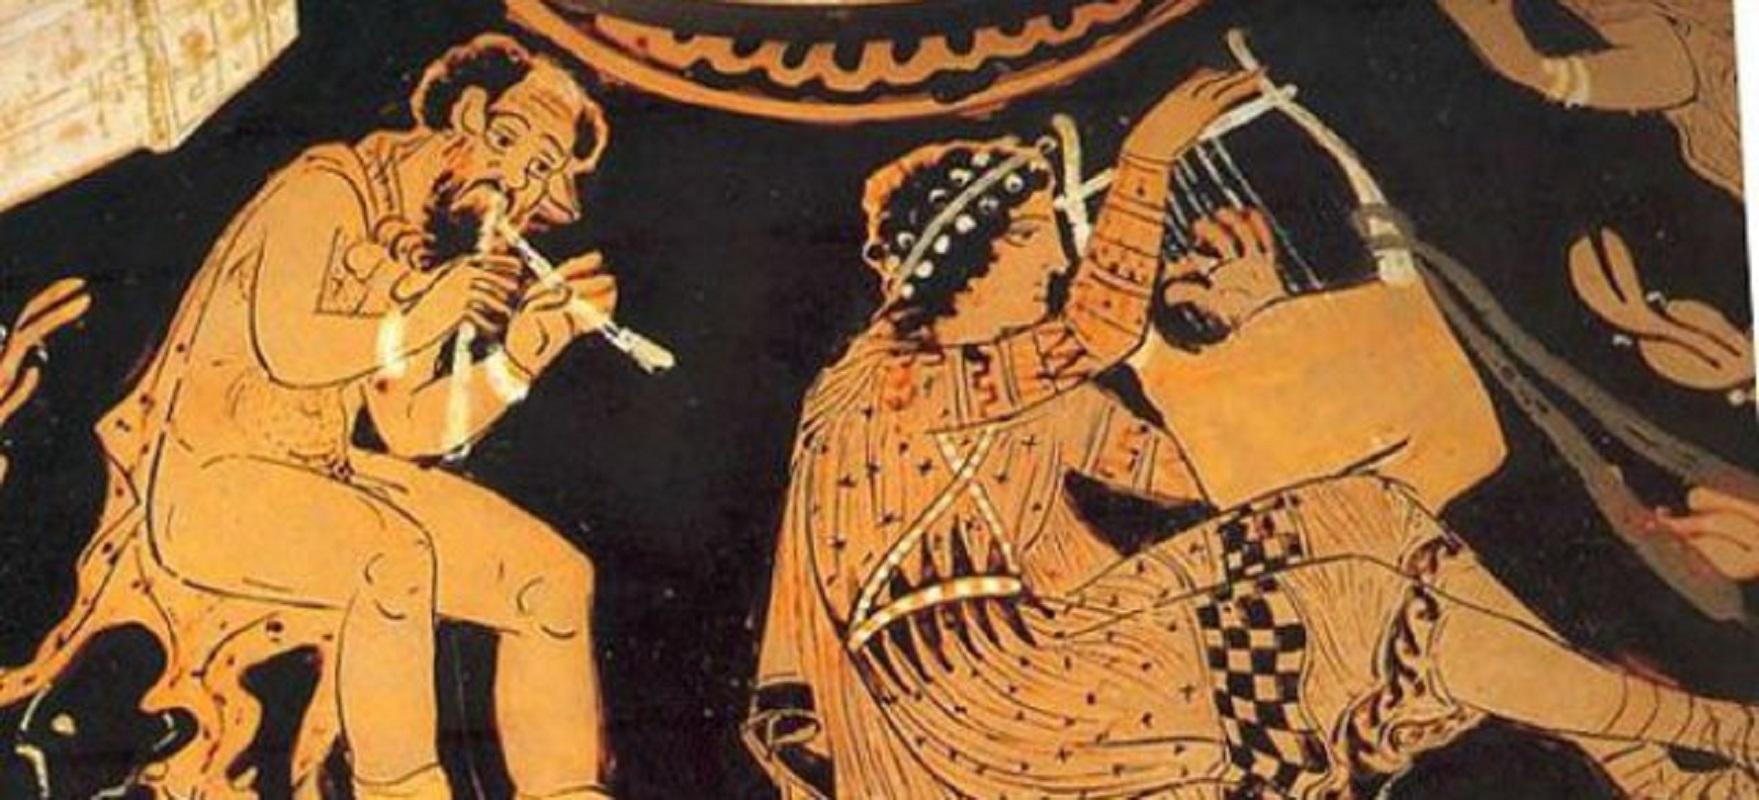 Ο Ναος της μητέρας των Θεών Κυβέλης-Επισκέψιμος ο αρχαιολογικός χώρος των Τεμπών (ΒΙΝΤΕΟ)